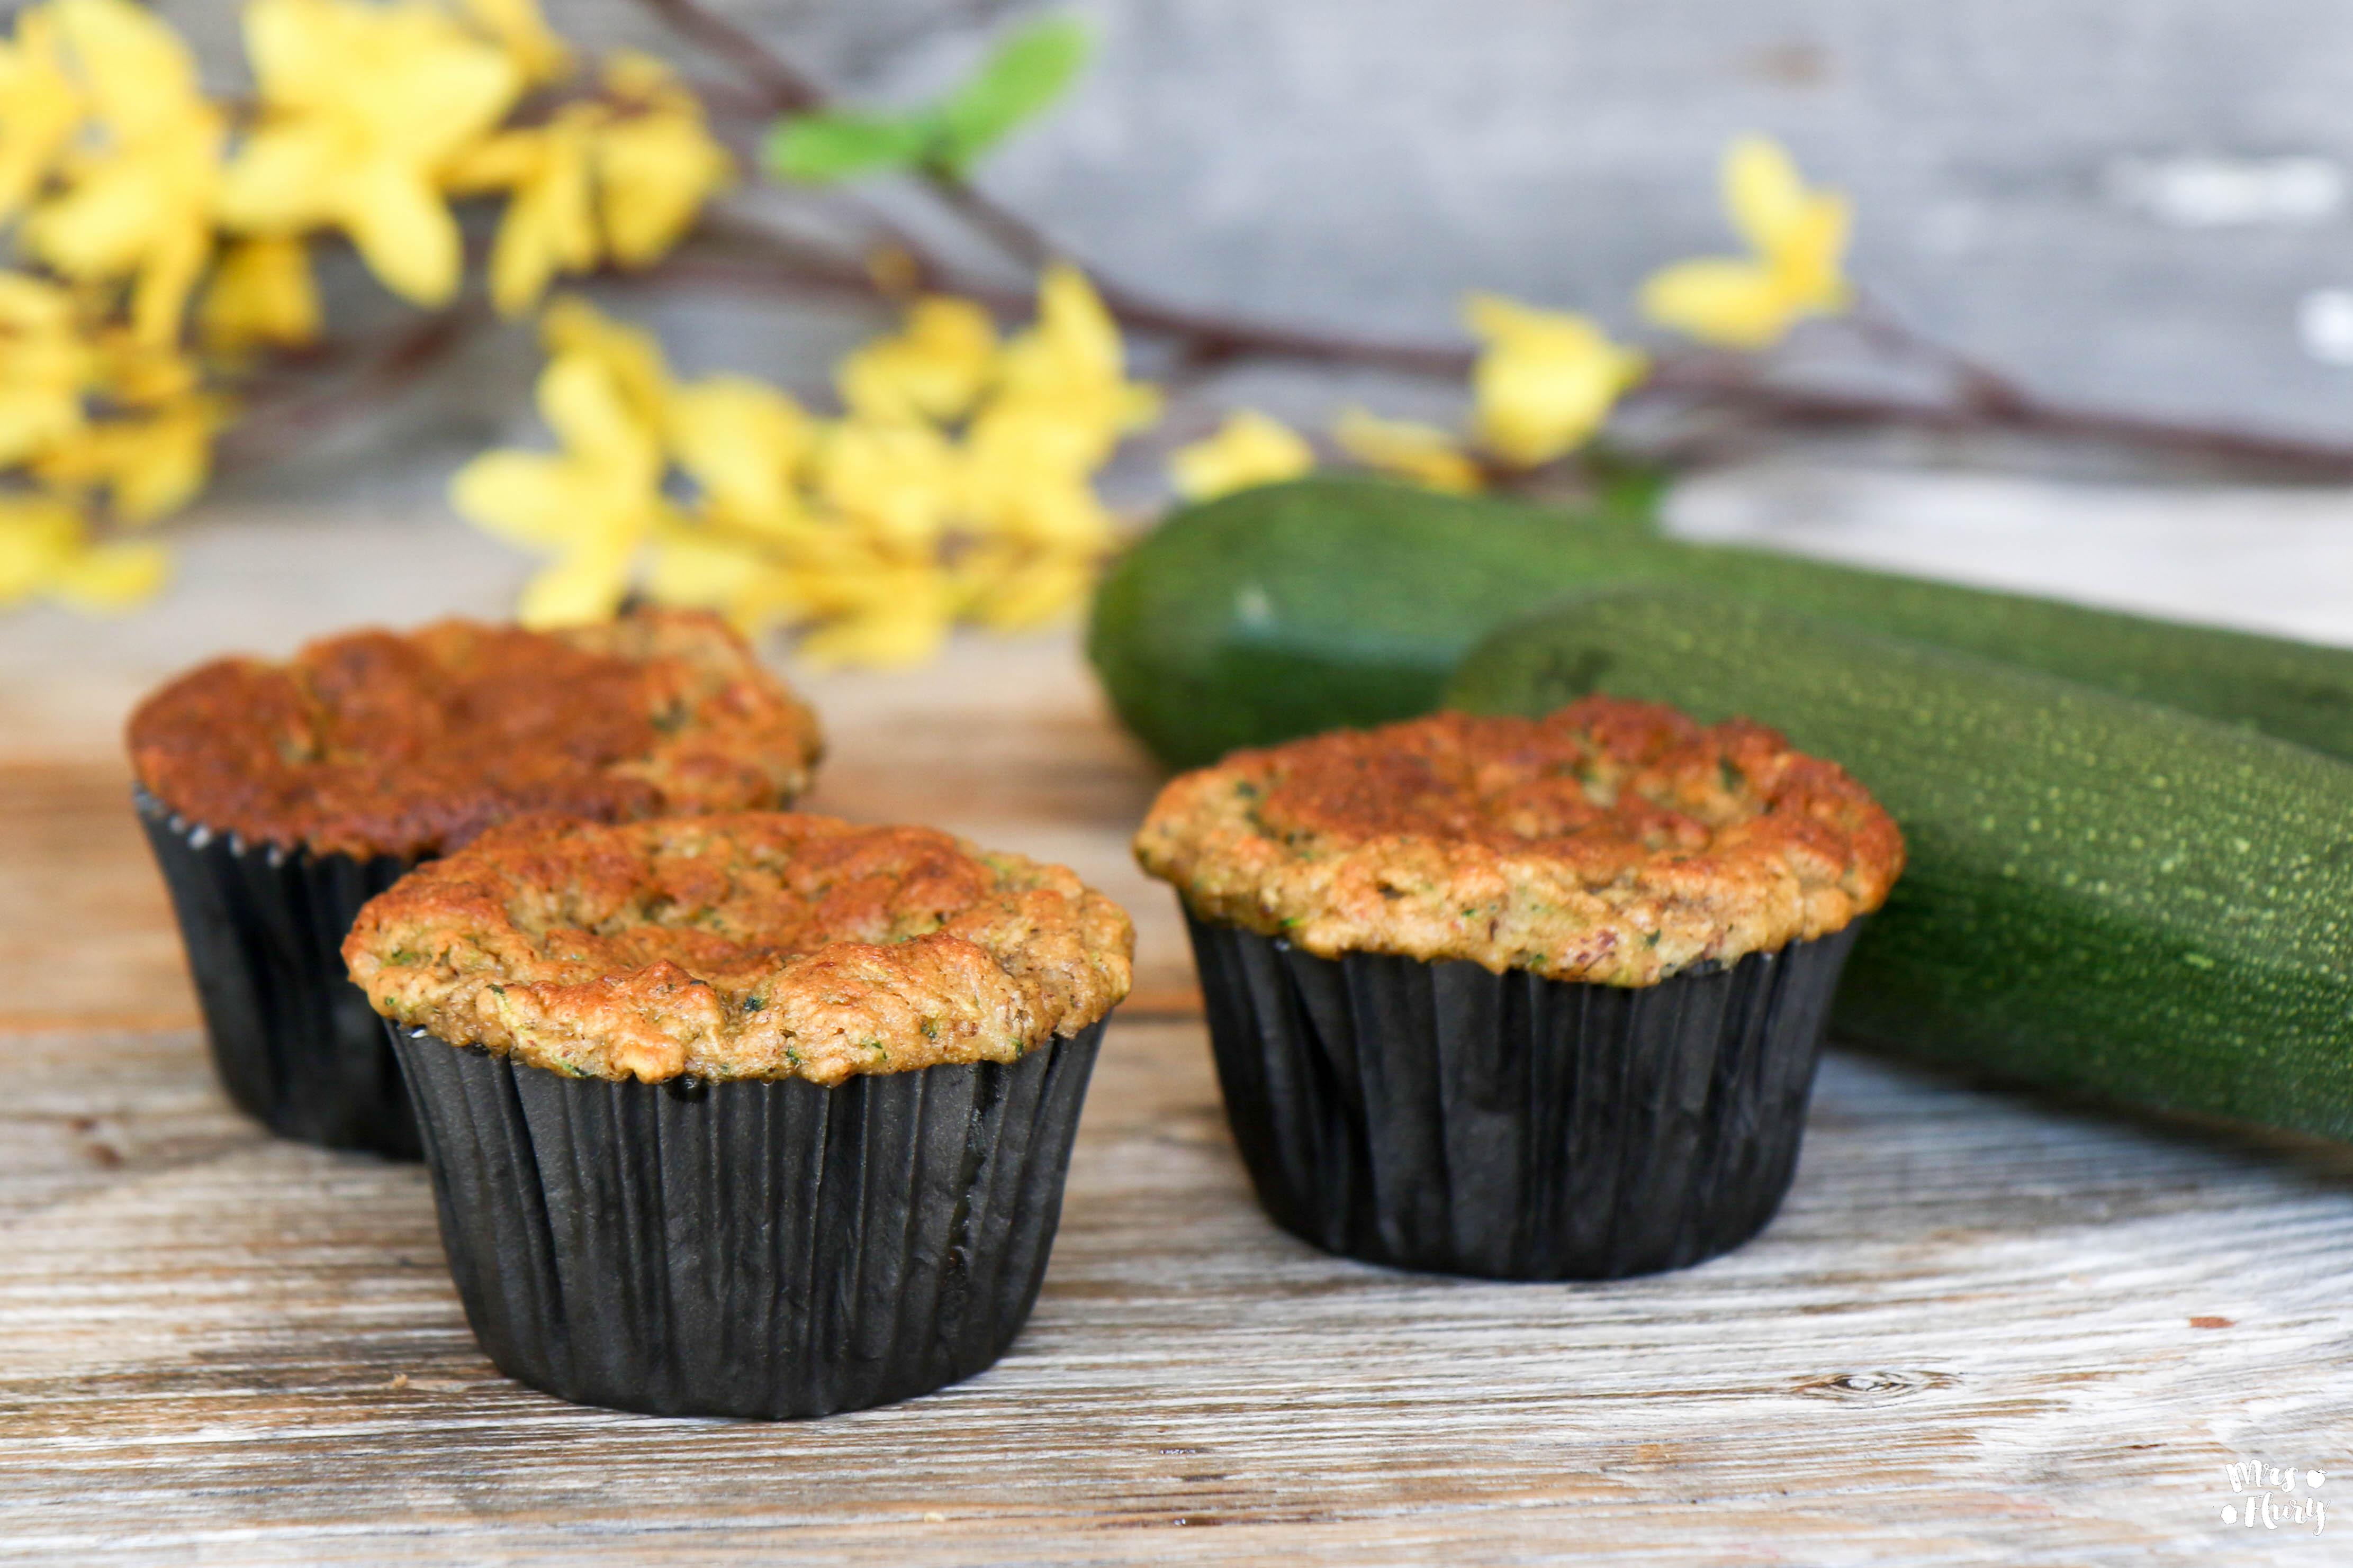 zucchini bananen muffins mrs flury gesund essen leben. Black Bedroom Furniture Sets. Home Design Ideas